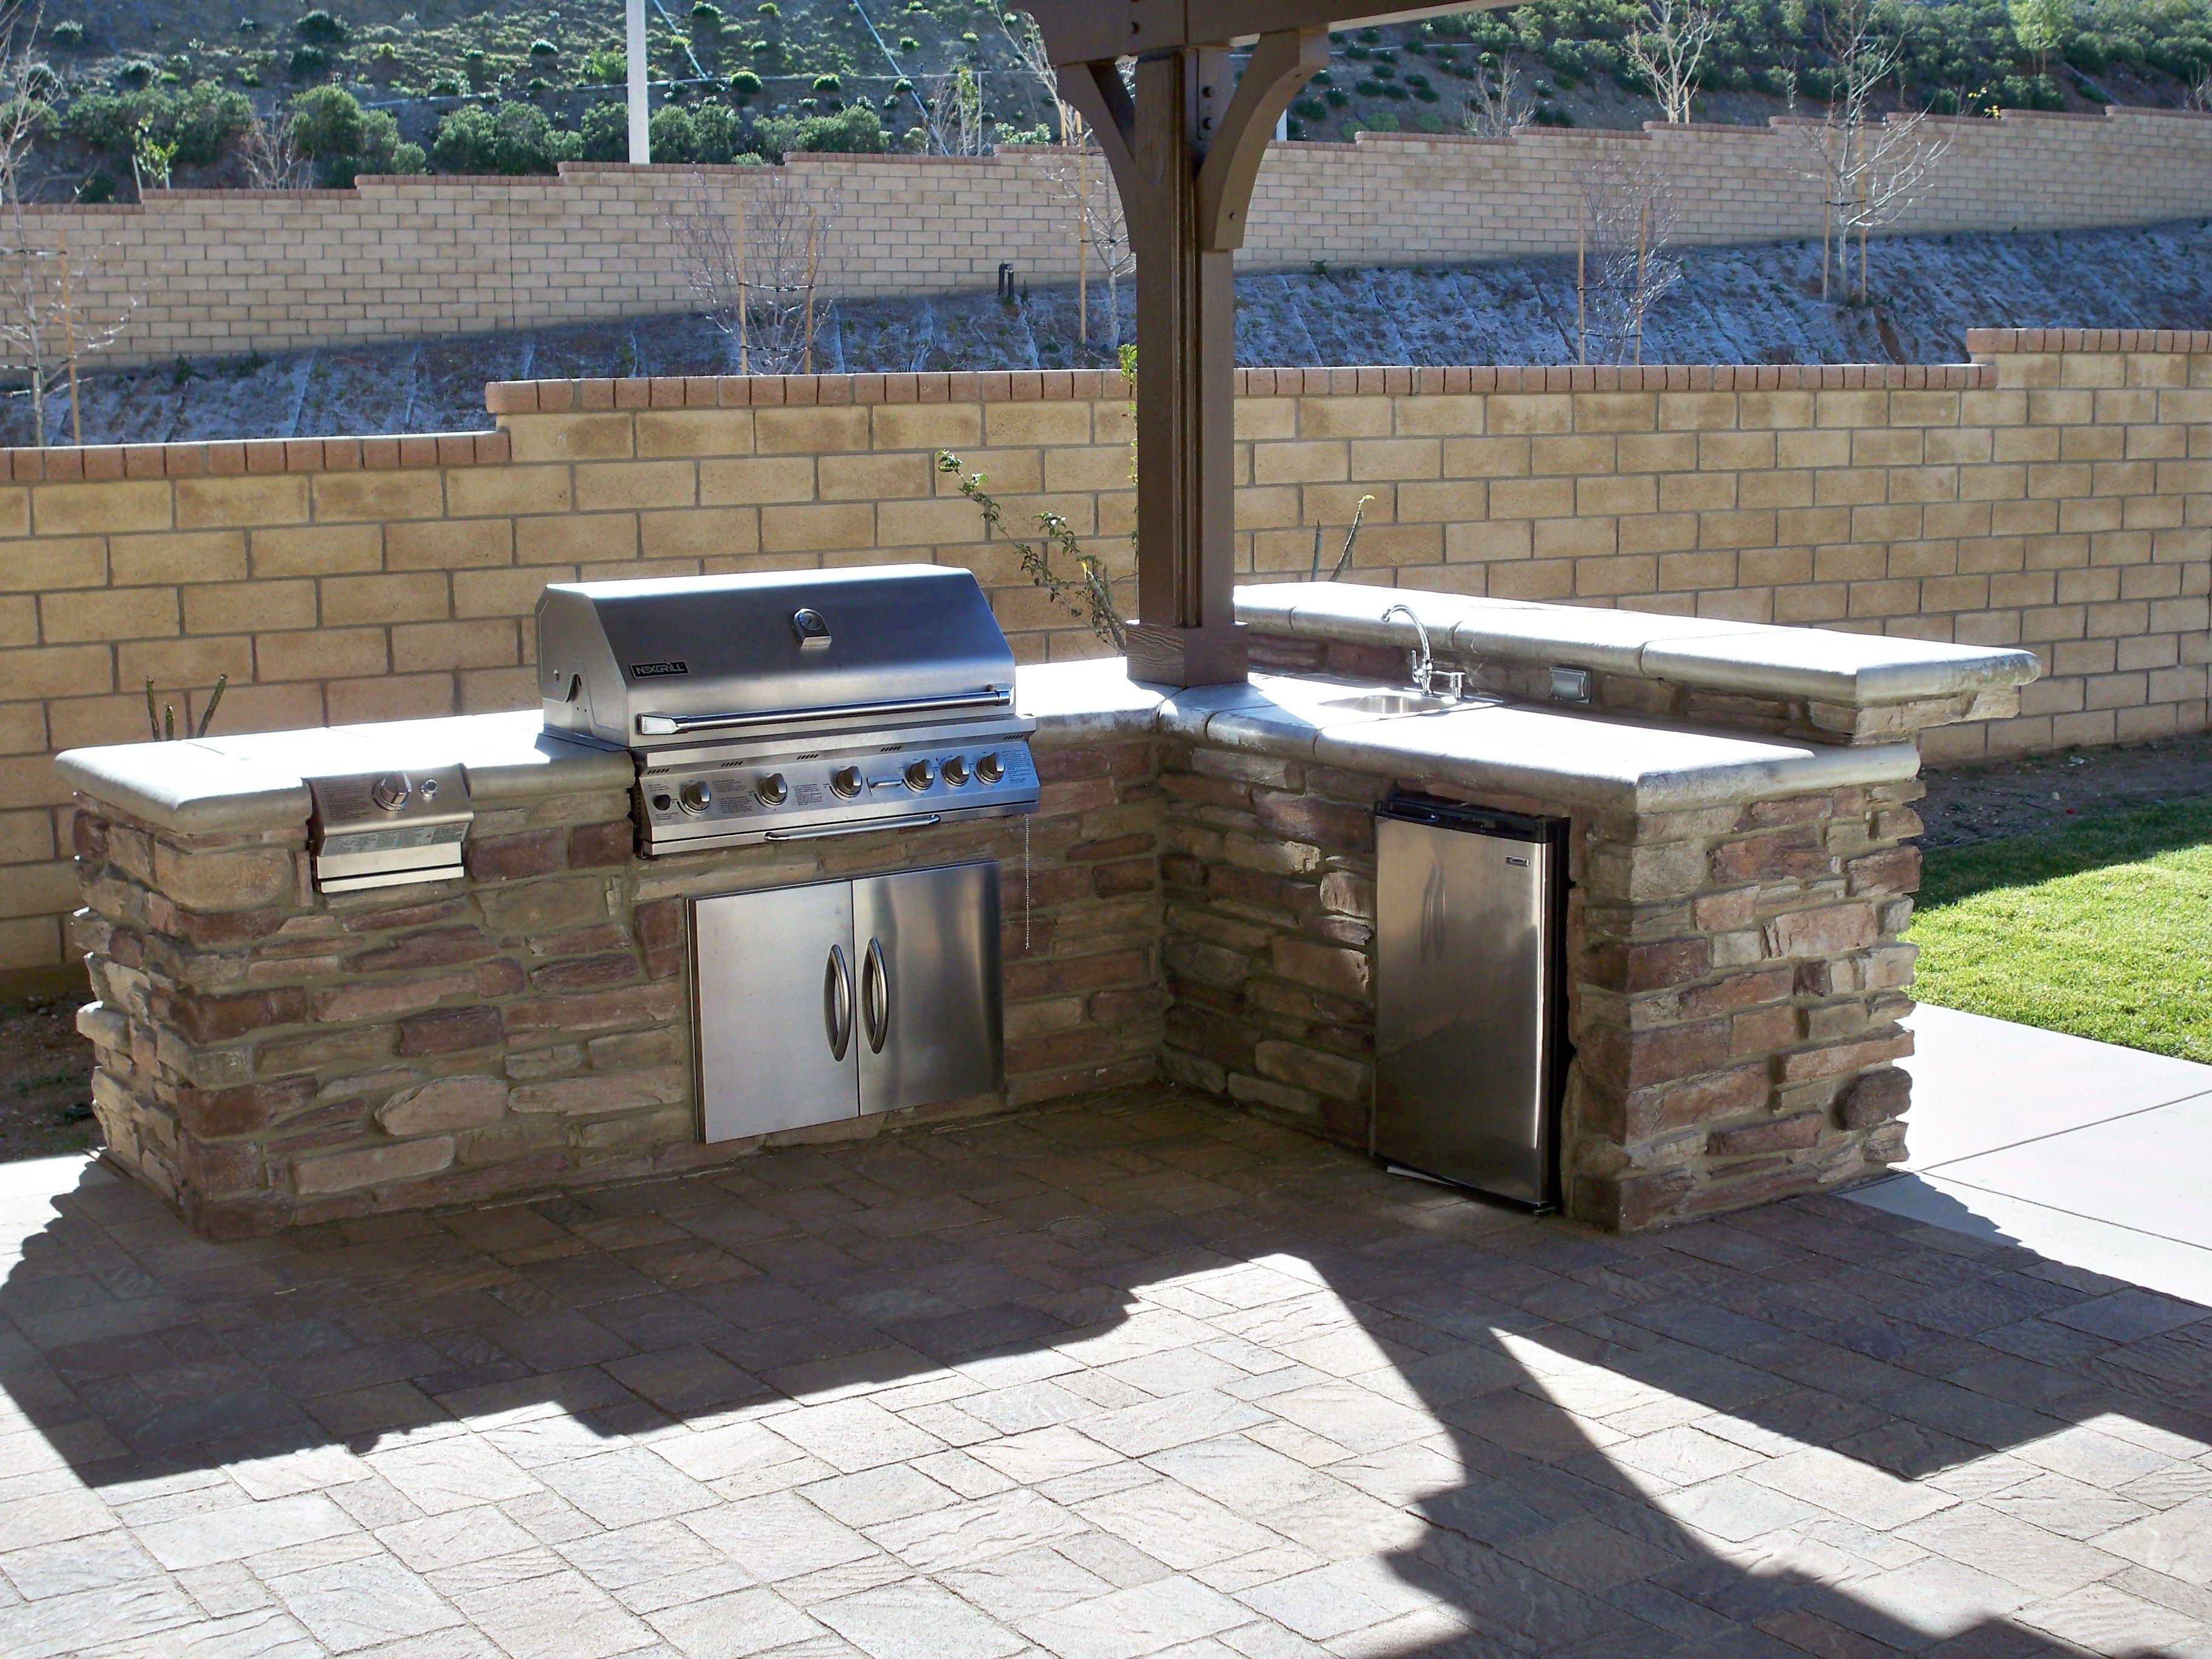 Traditional Outdoor Kitchen In Clovis Southwestern Beige Umbrella By Exterior Details Outdoor Kitchen Outdoor Kitchen Design Backyard Bbq Outfit Ideas